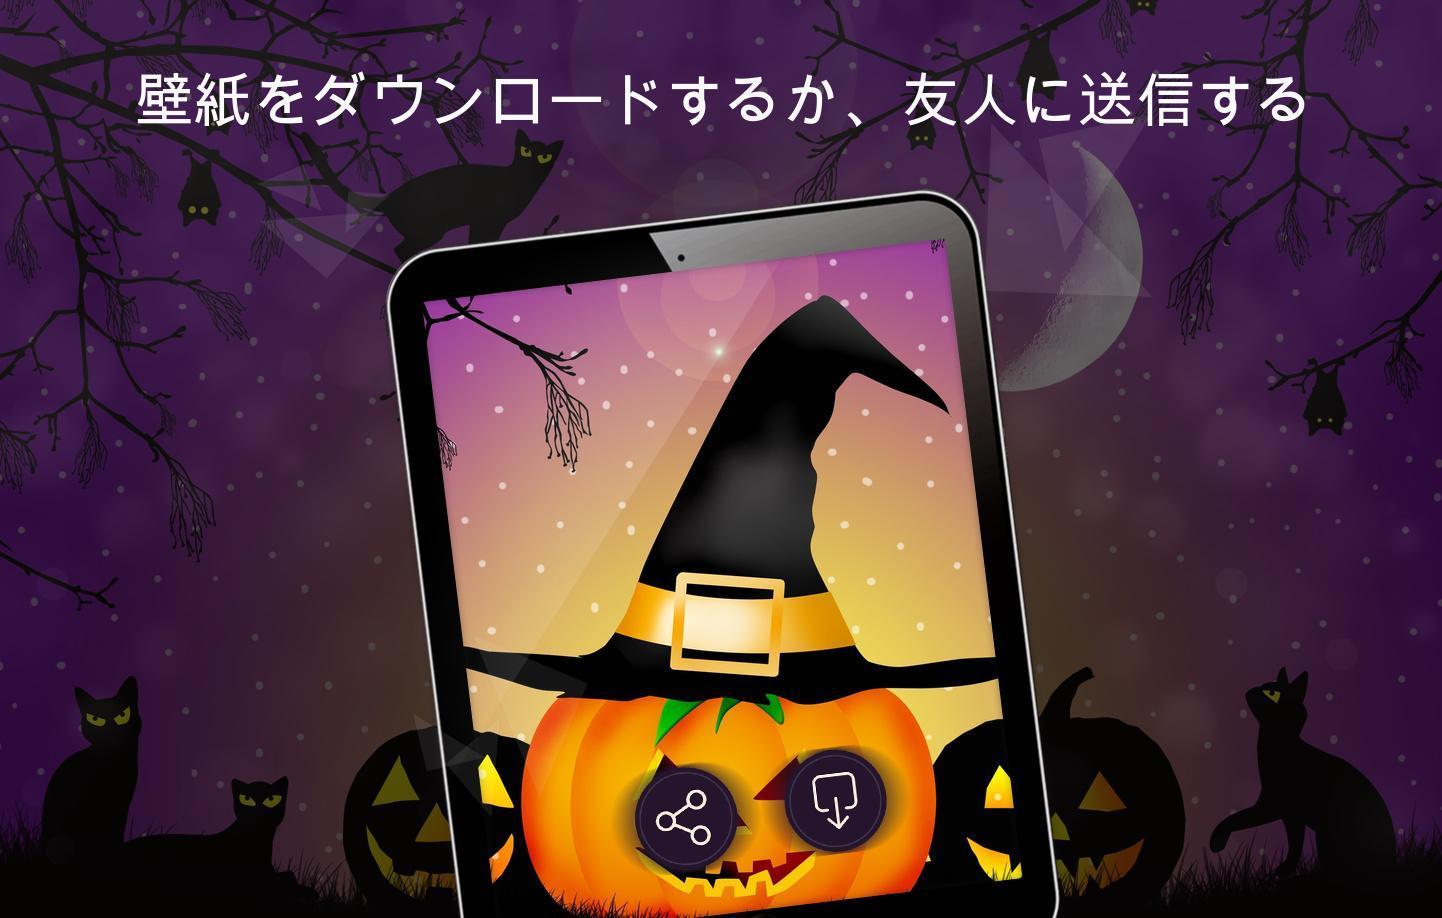 Android 用の ハロウィーンの壁紙4k Apk をダウンロード